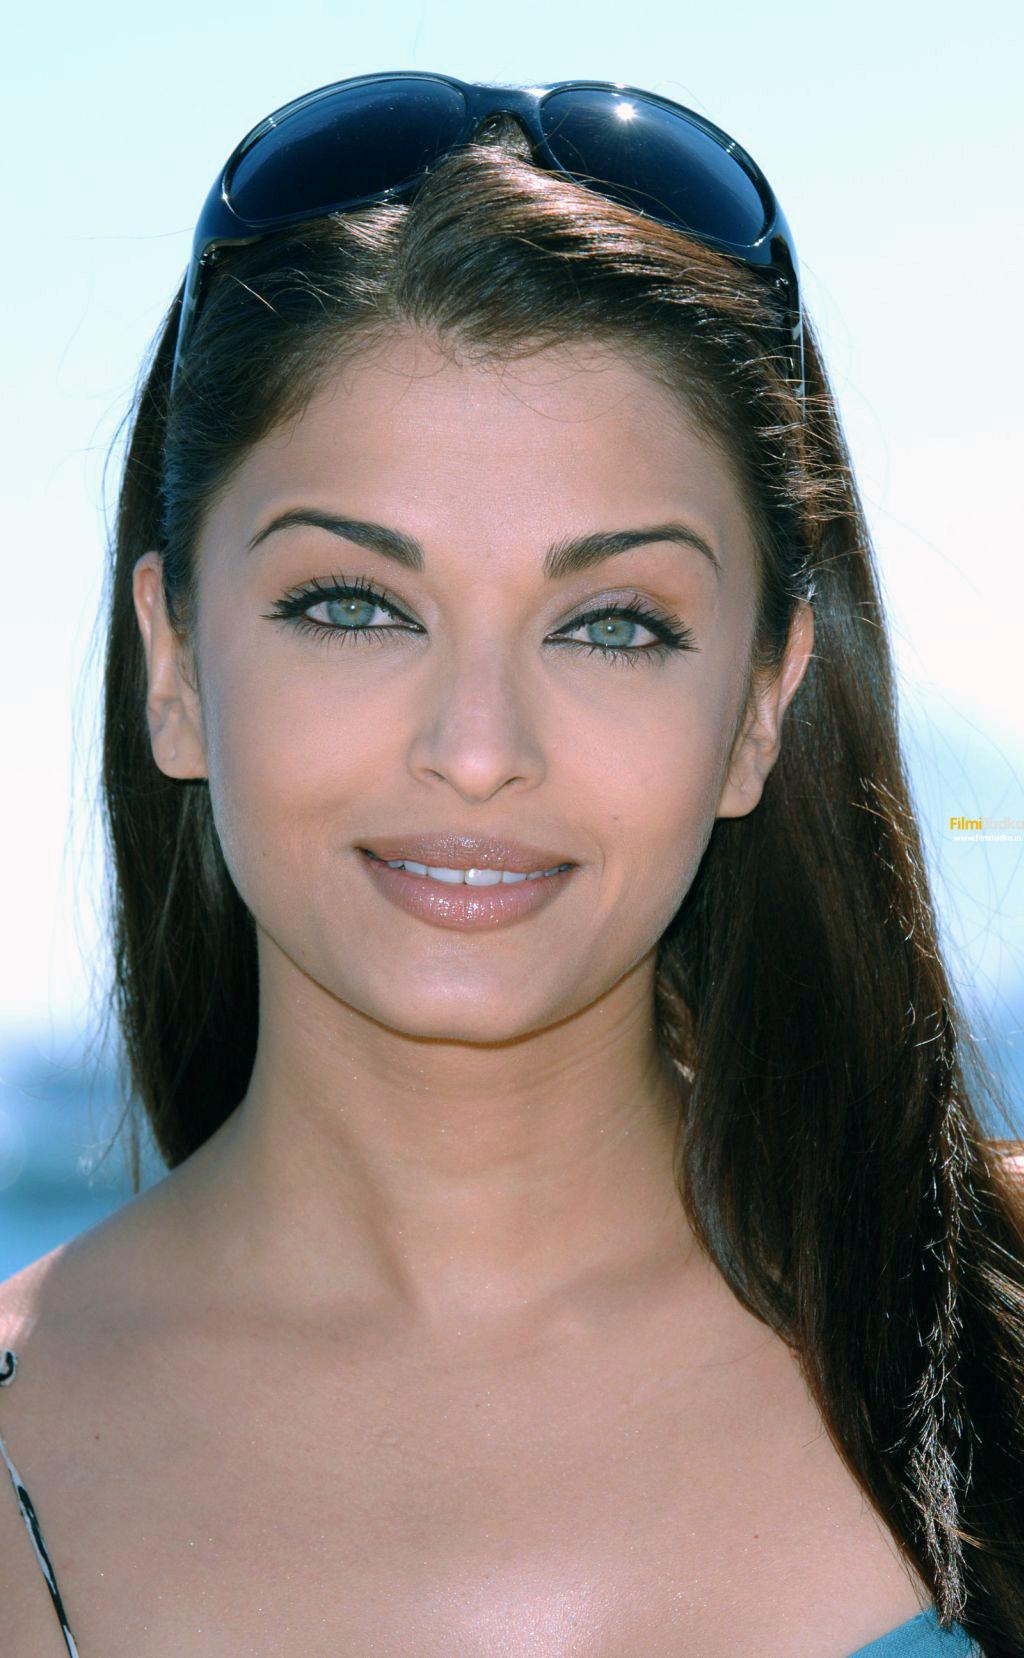 aishwarya rai, miss world 1994. - Página 2 84k45d2k